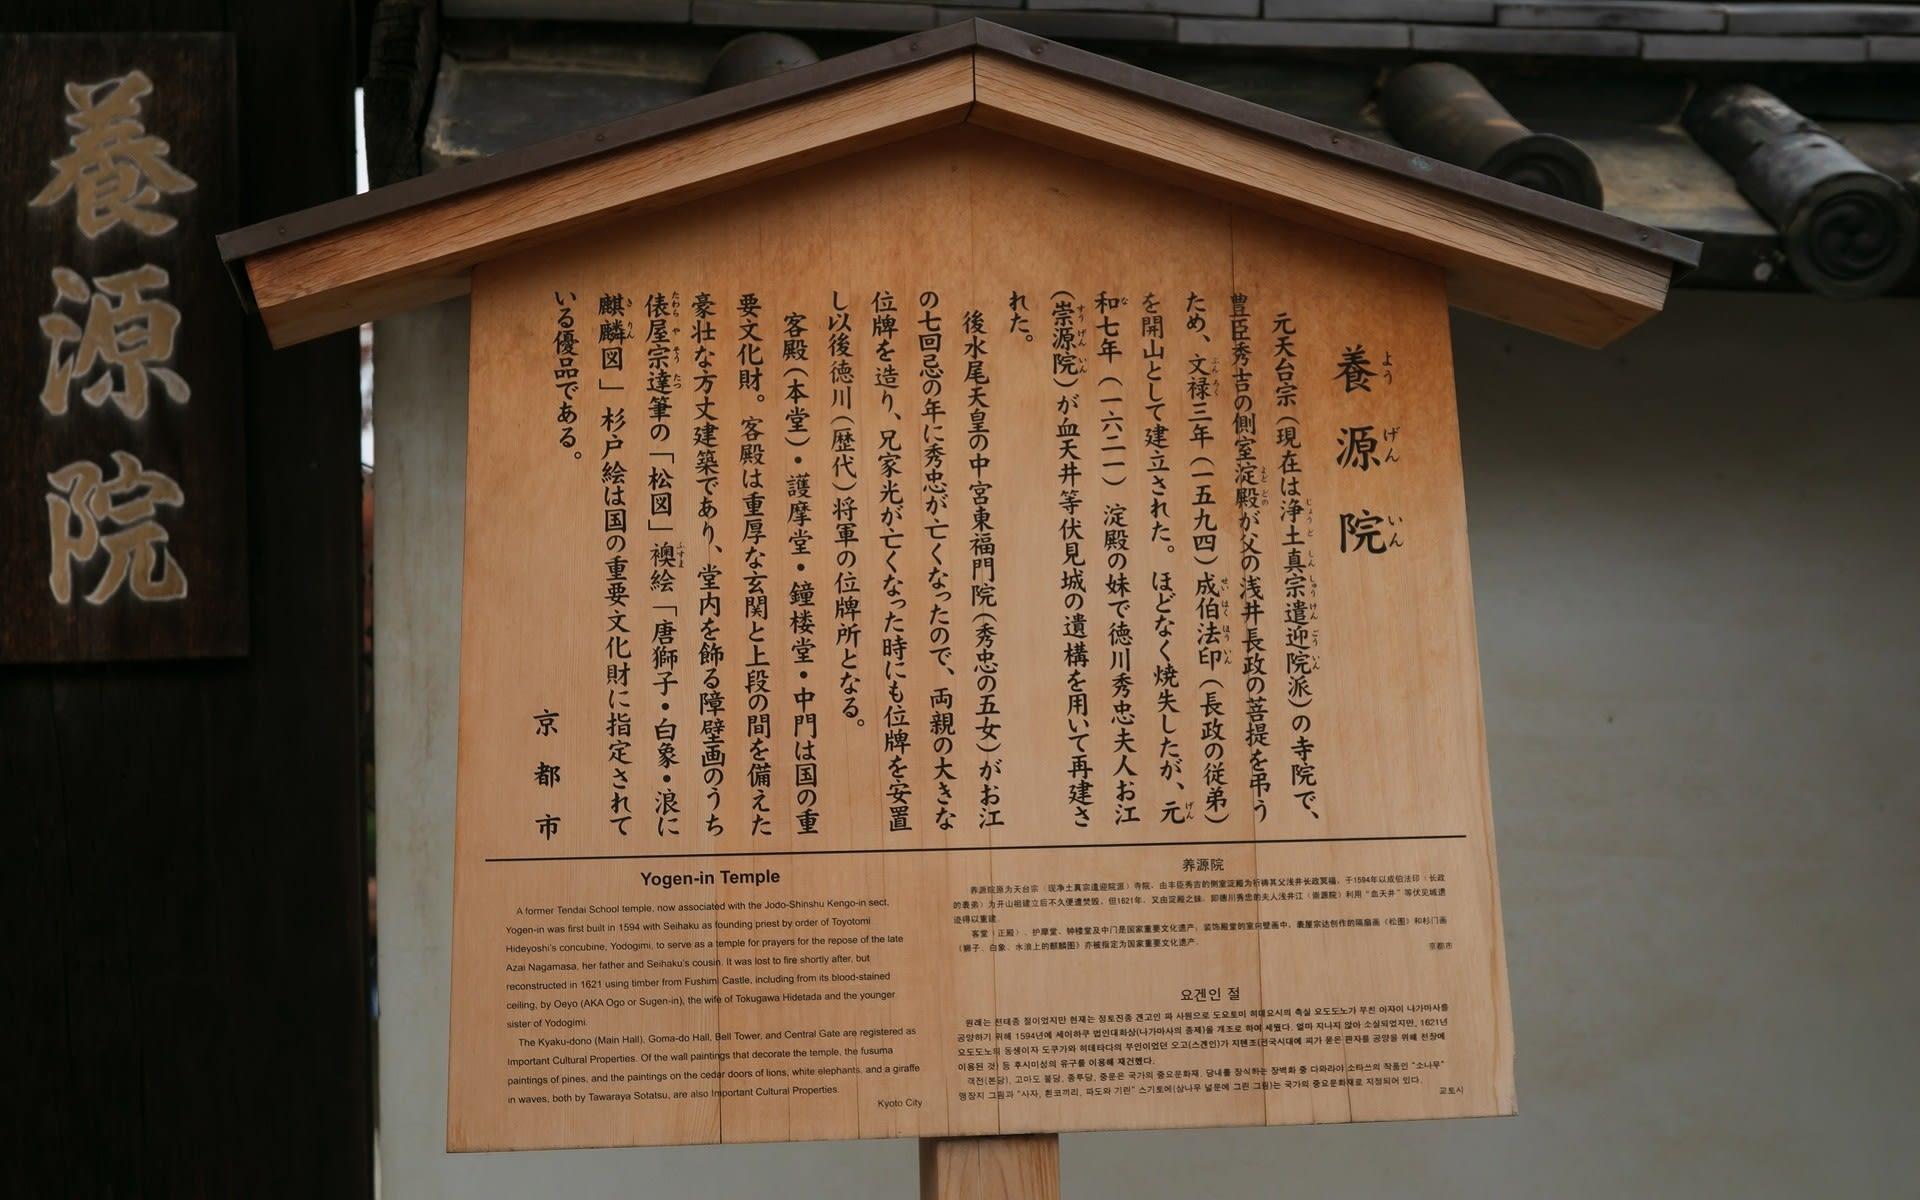 19年紅葉の京都 養源院の壁紙 計24枚 壁紙 日々駄文